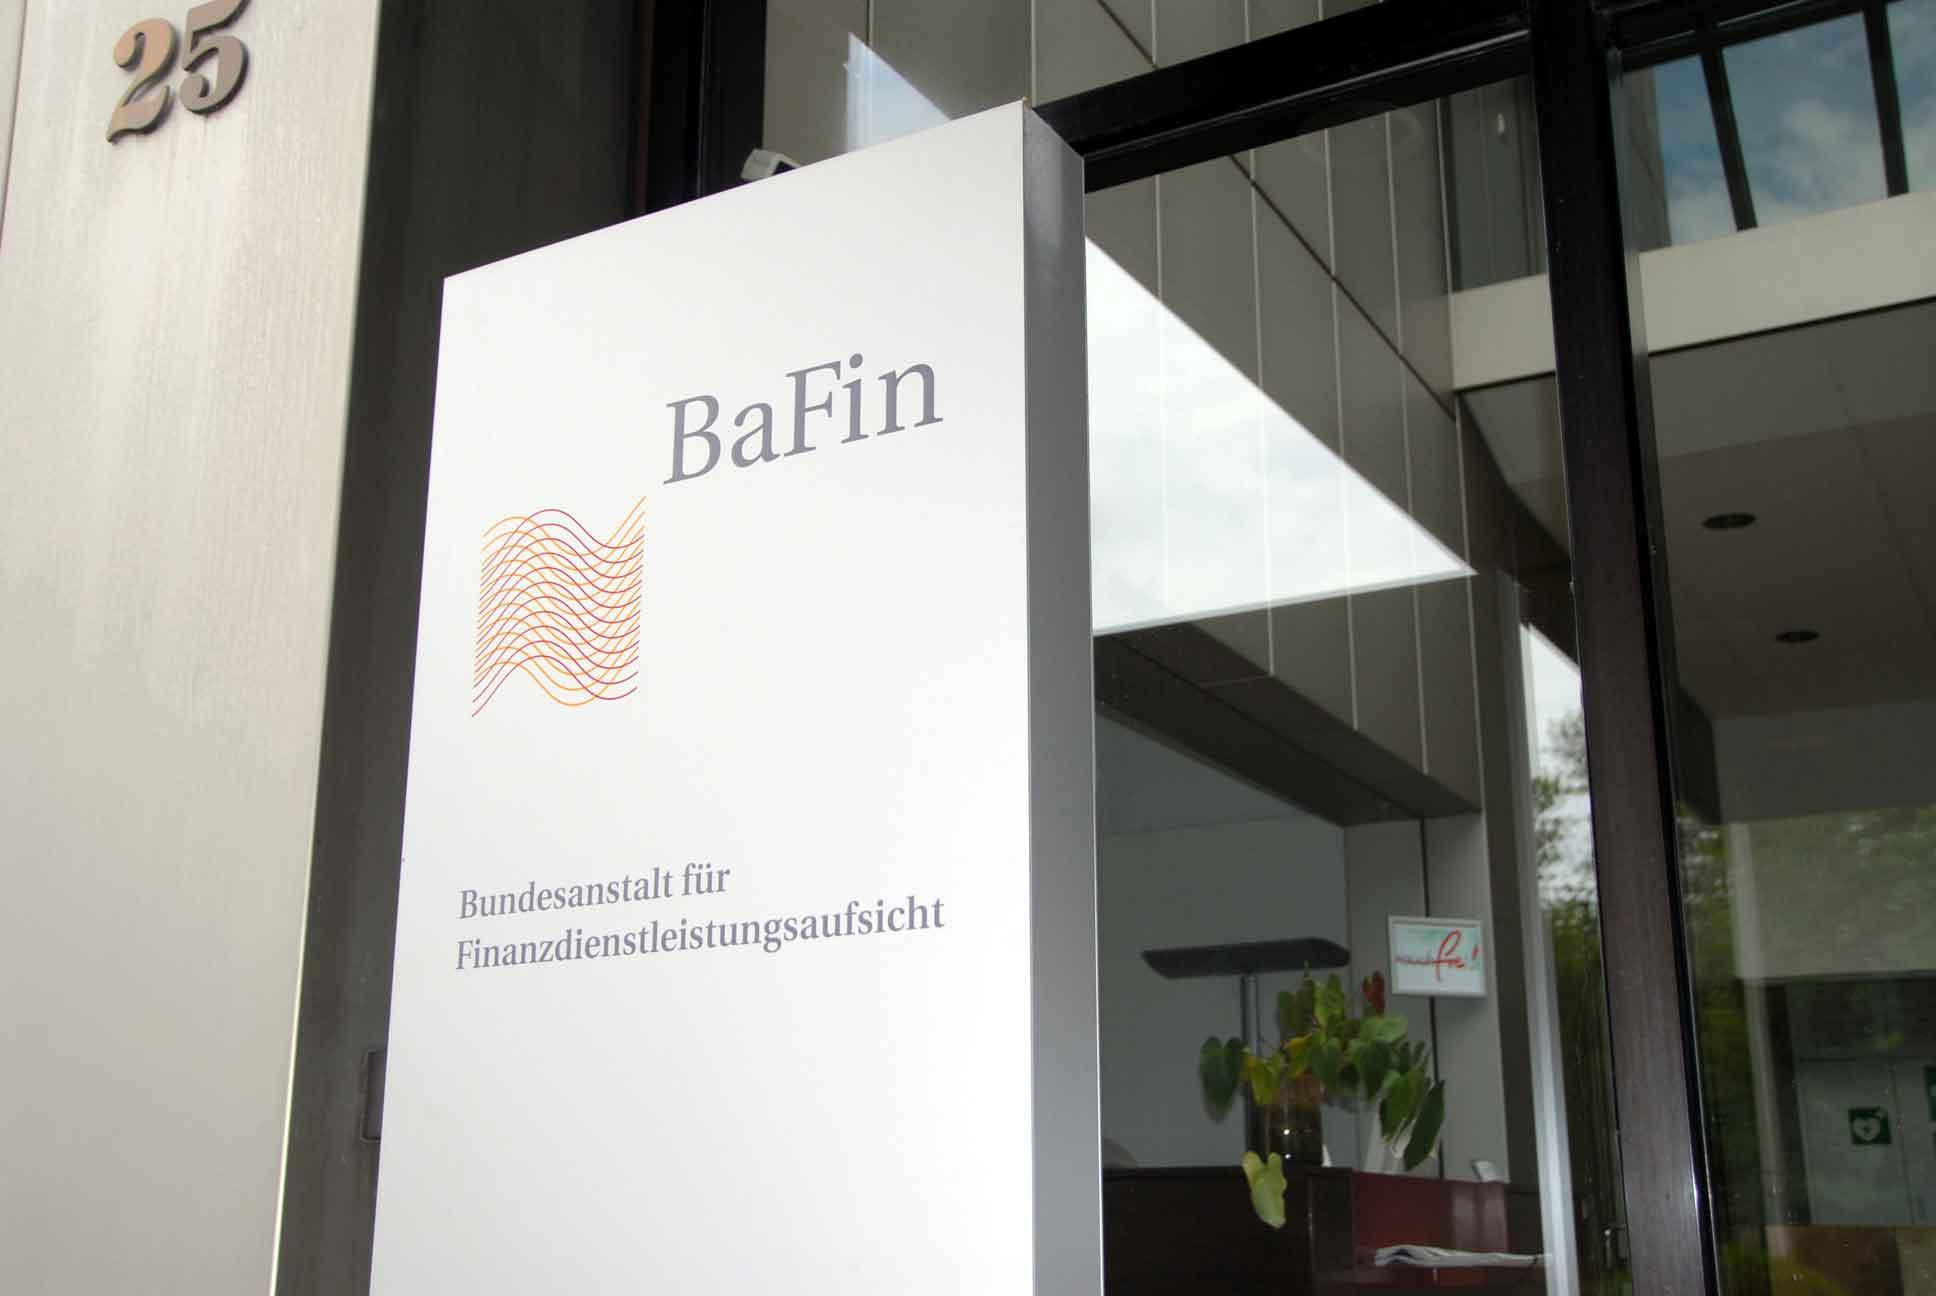 Bankenaufsicht verweigert Kontrolle - wie ist das möglich ?